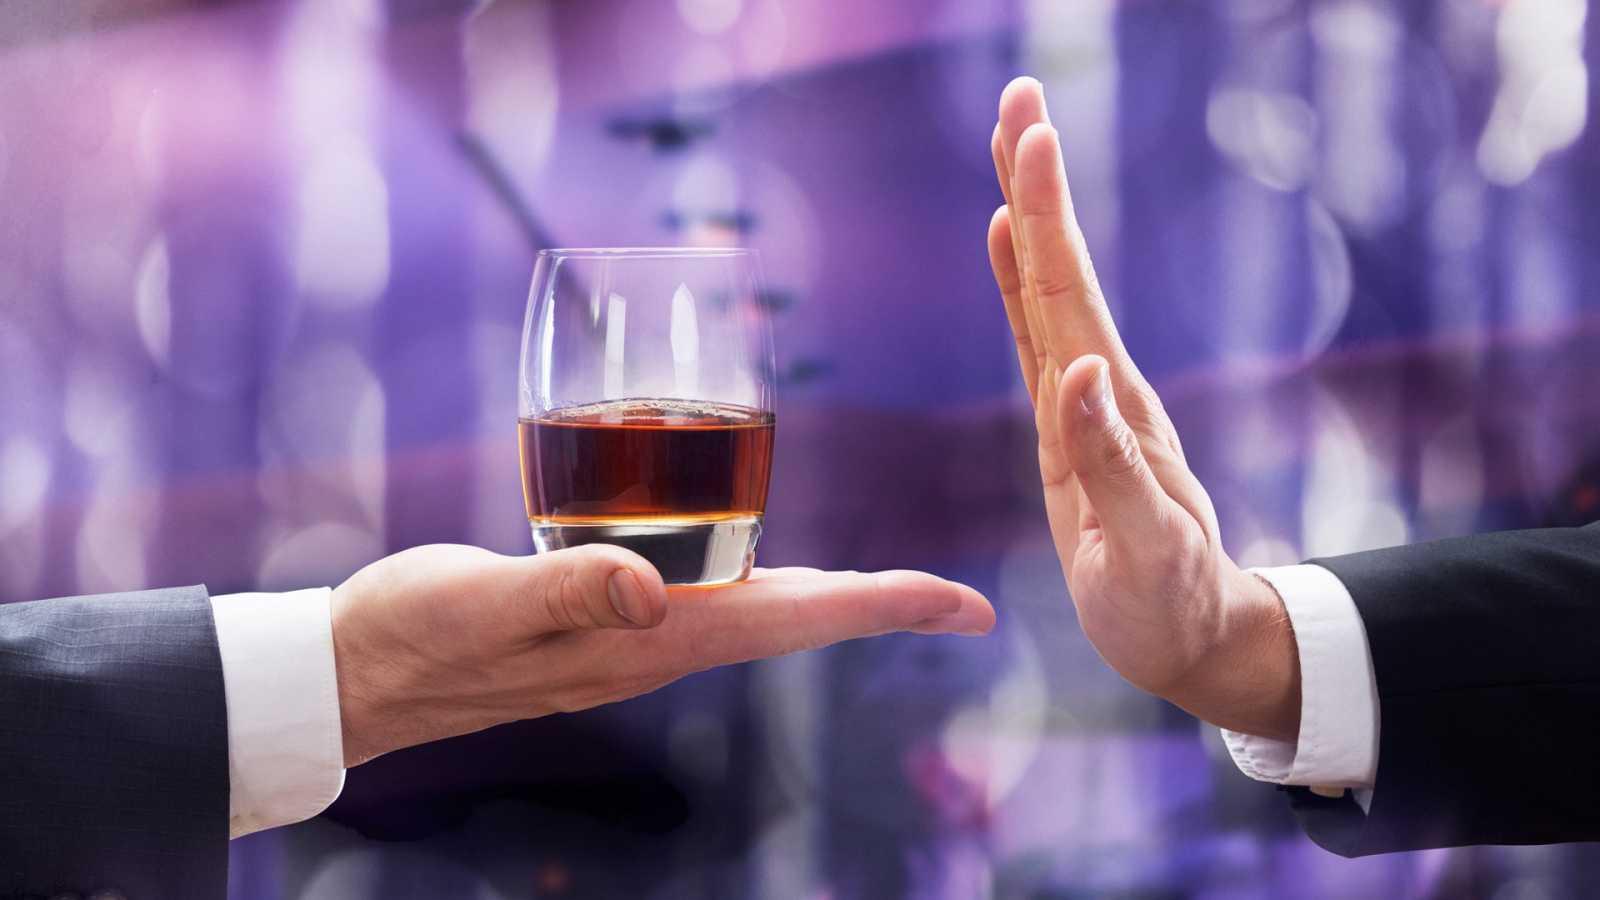 Estamos como queremos - Dejar de beber - 11/12/19 - Escuchar ahora